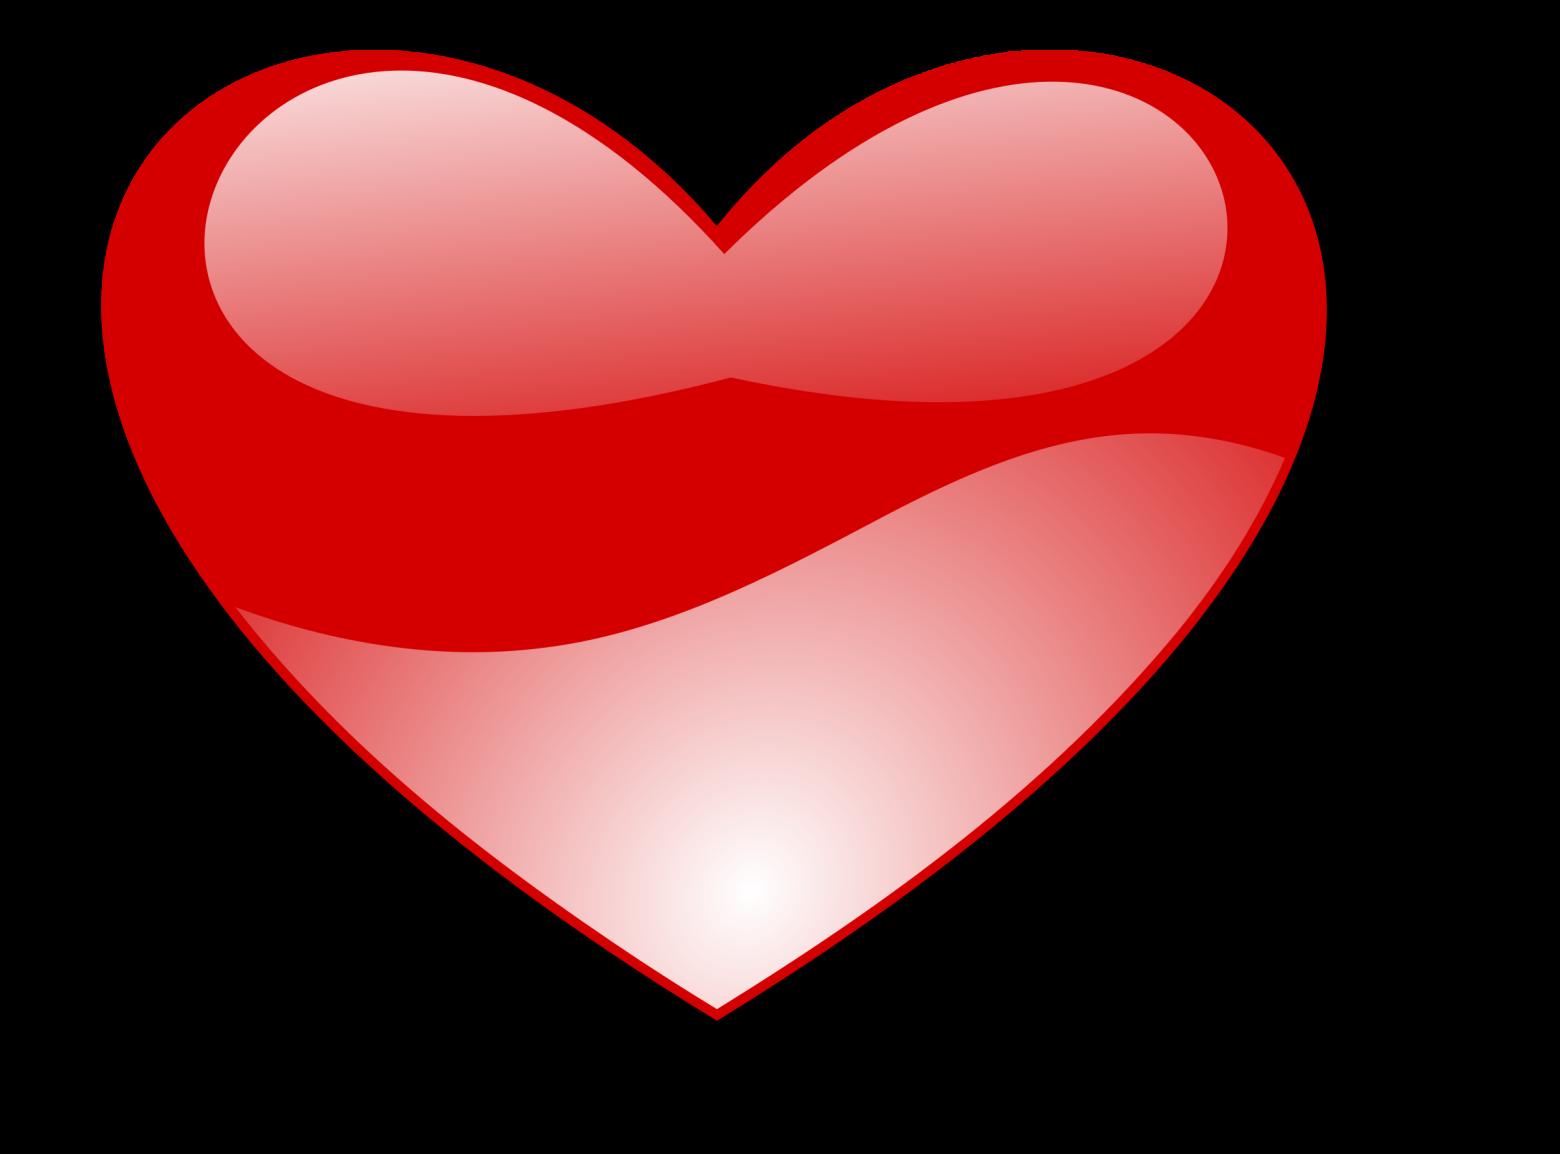 Image de coeur rouge galerie tatouage - Comment decorer un grand vase transparent ...